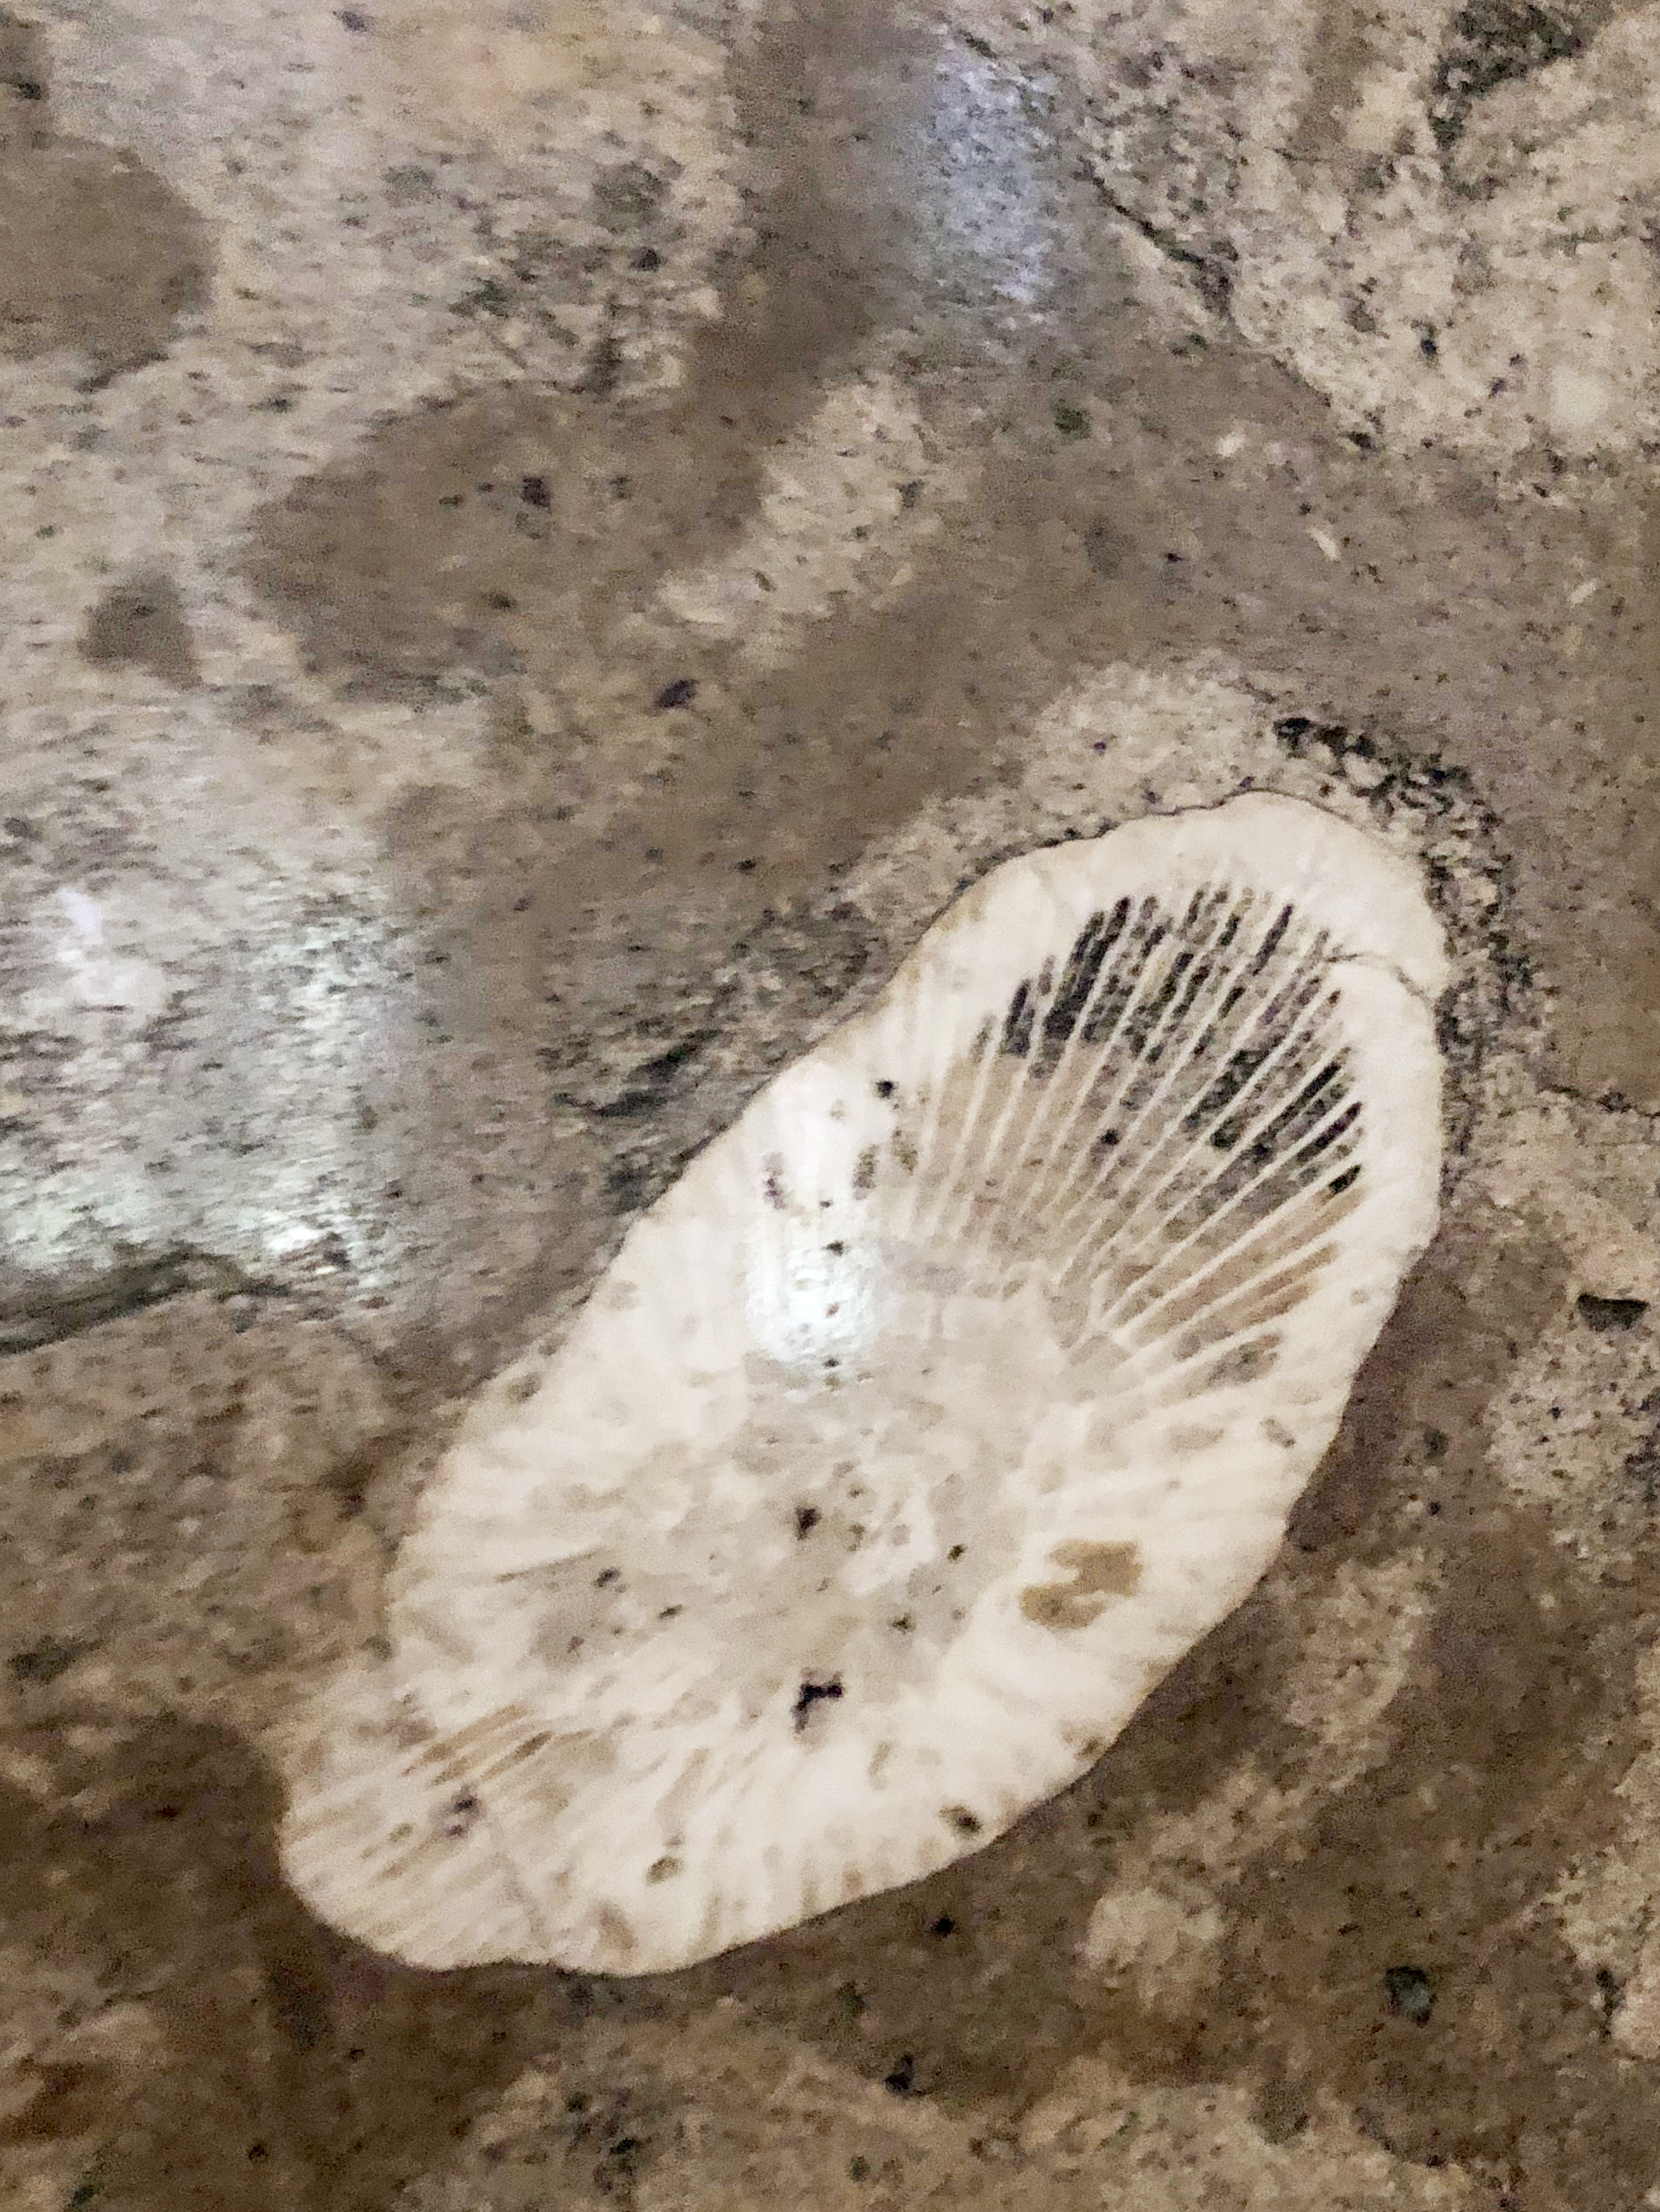 shell-fossil.jpg